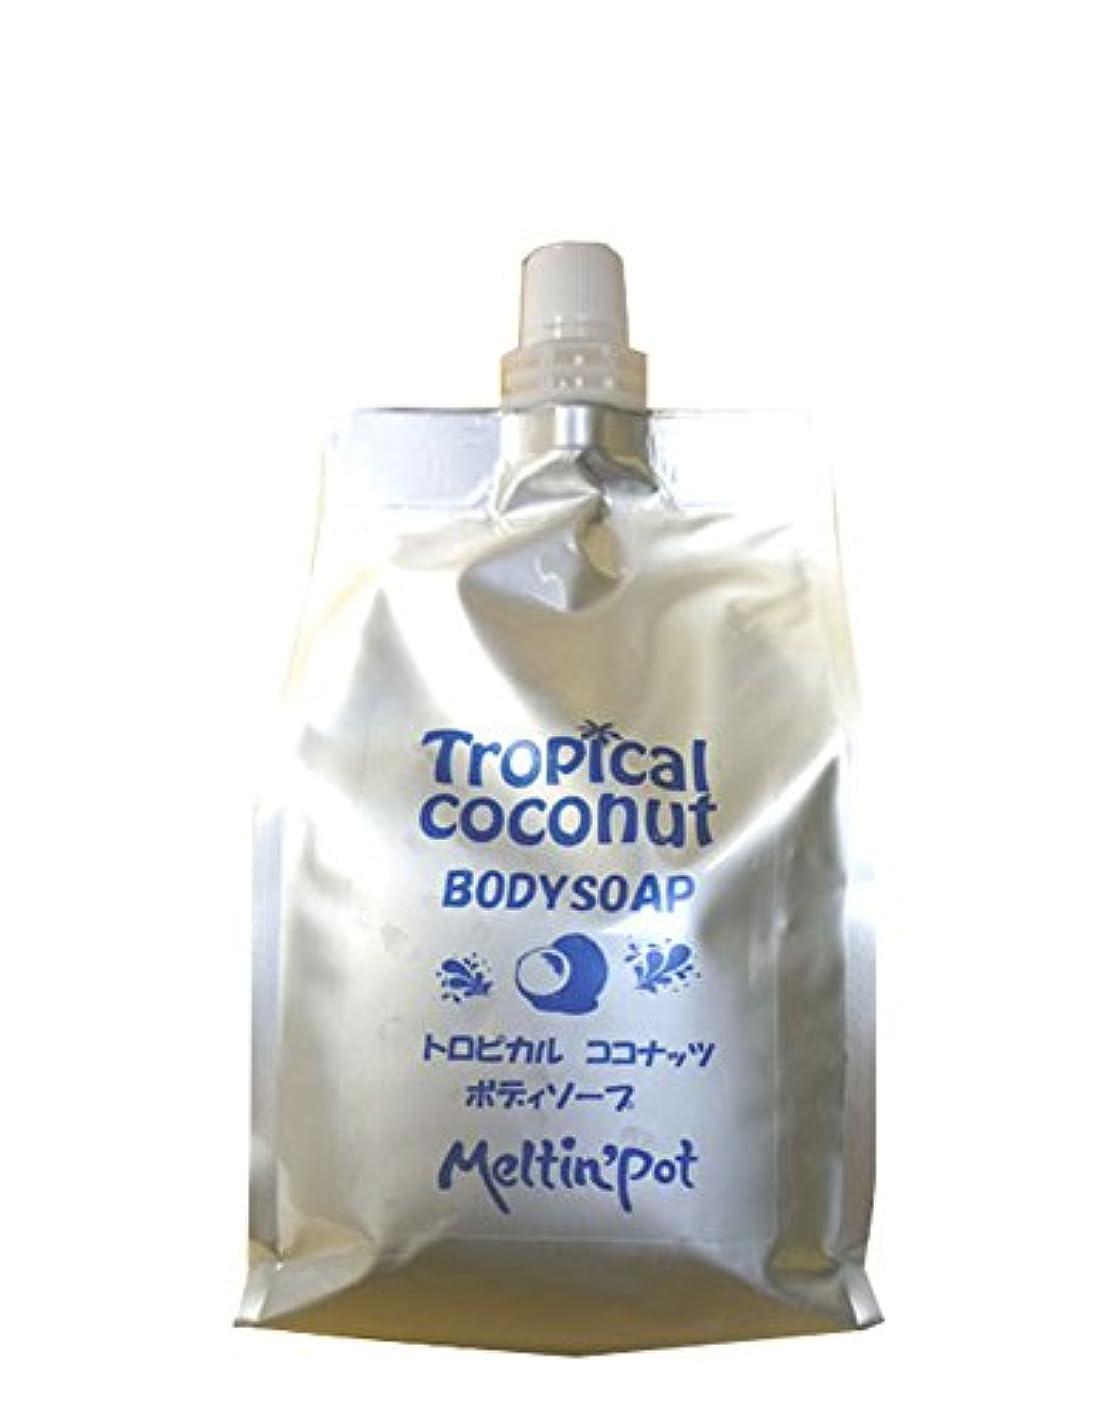 過剰平衡最少トロピカルココナッツ ボディソープ 1000ml 詰め替え Tropical coconut Body Soap 加齢臭に! [MeltinPot]